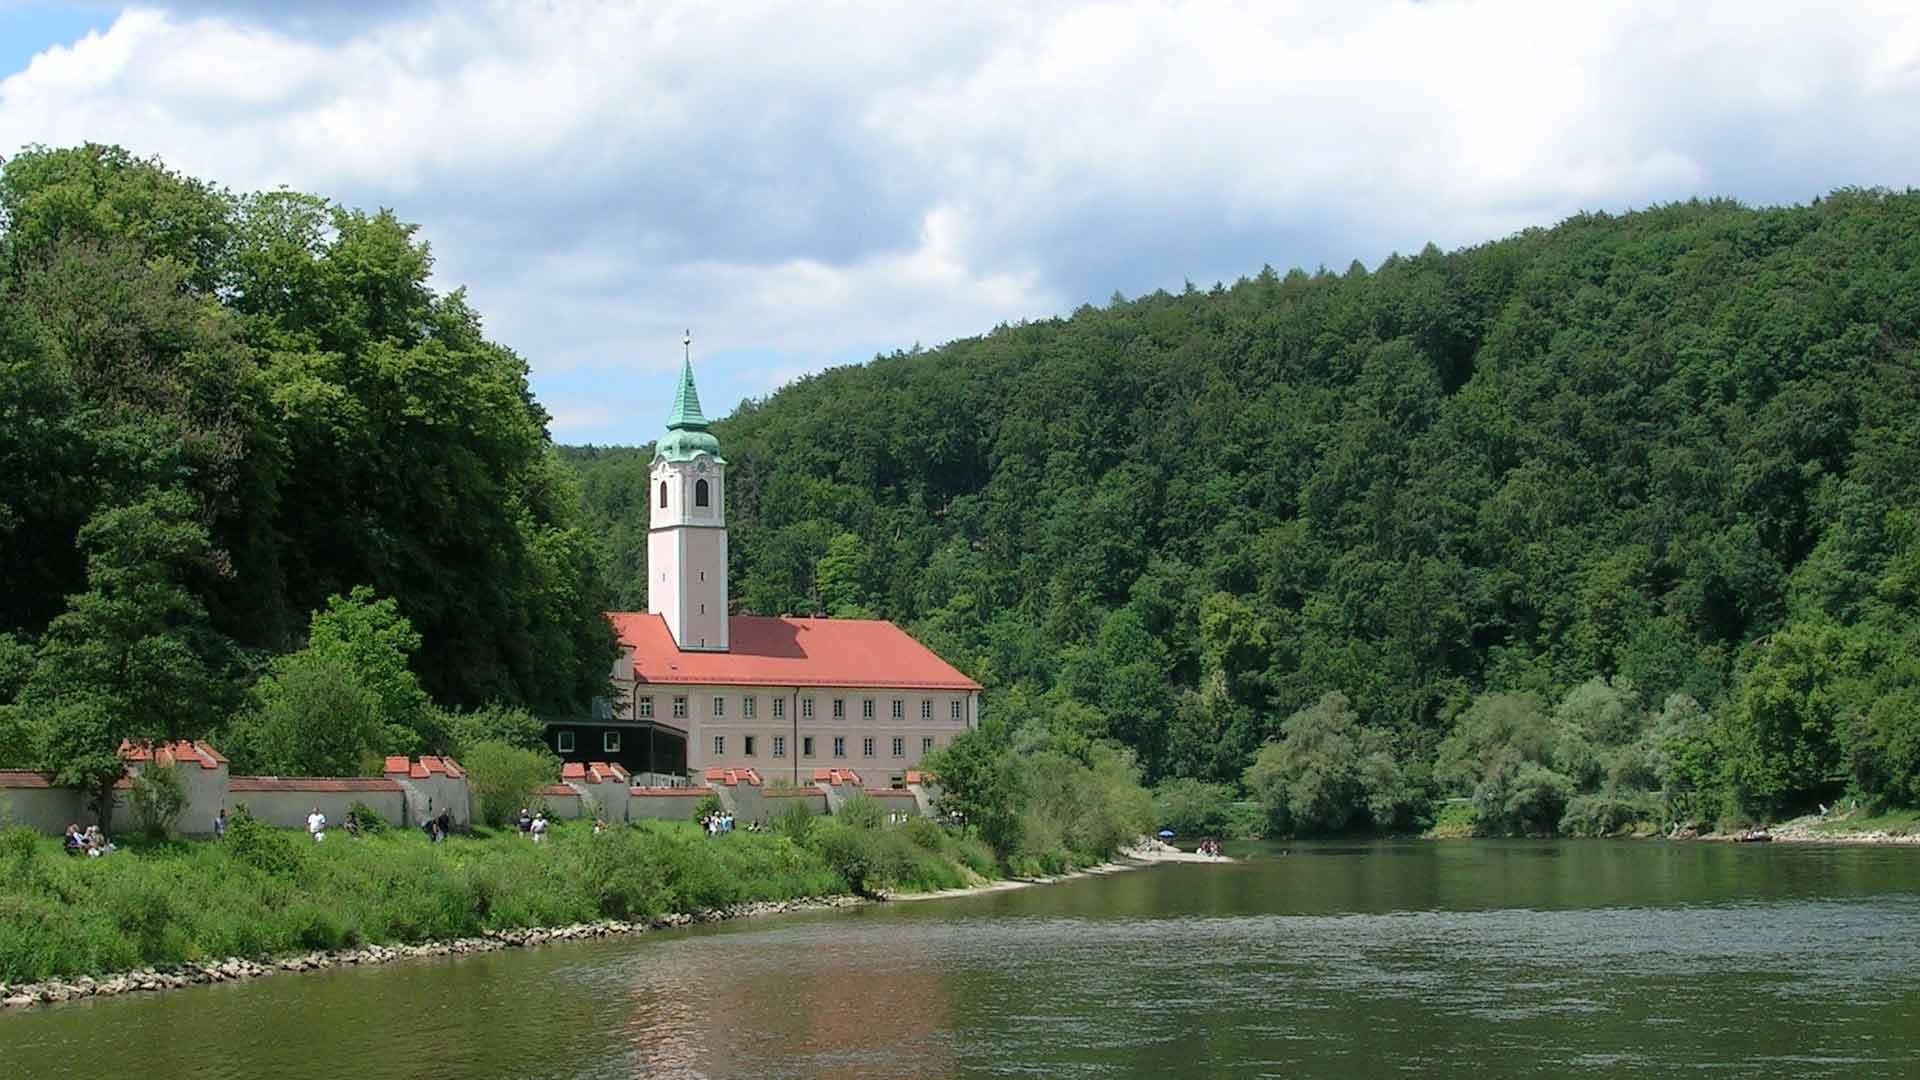 Klooster Weltenburg aan de Donau.